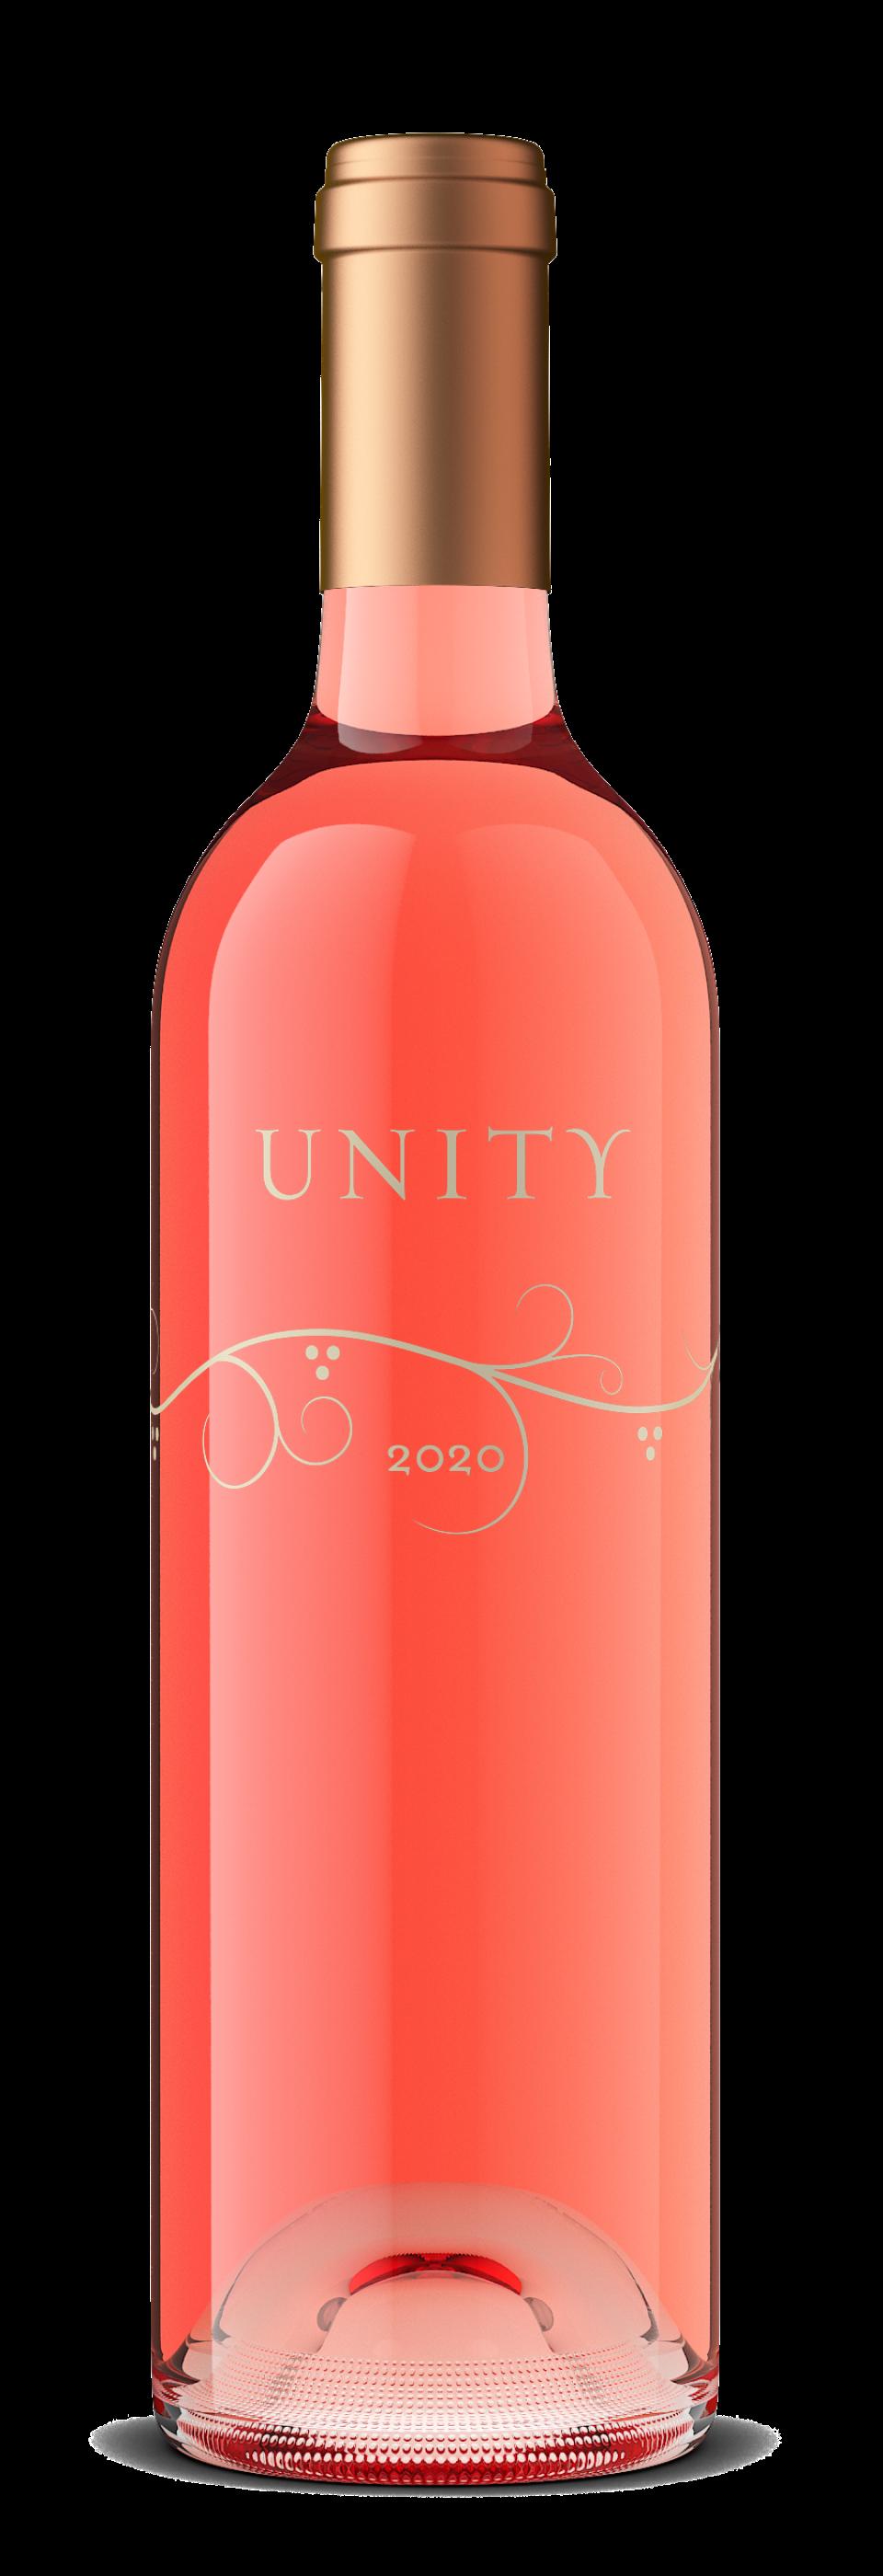 2020 UNITY